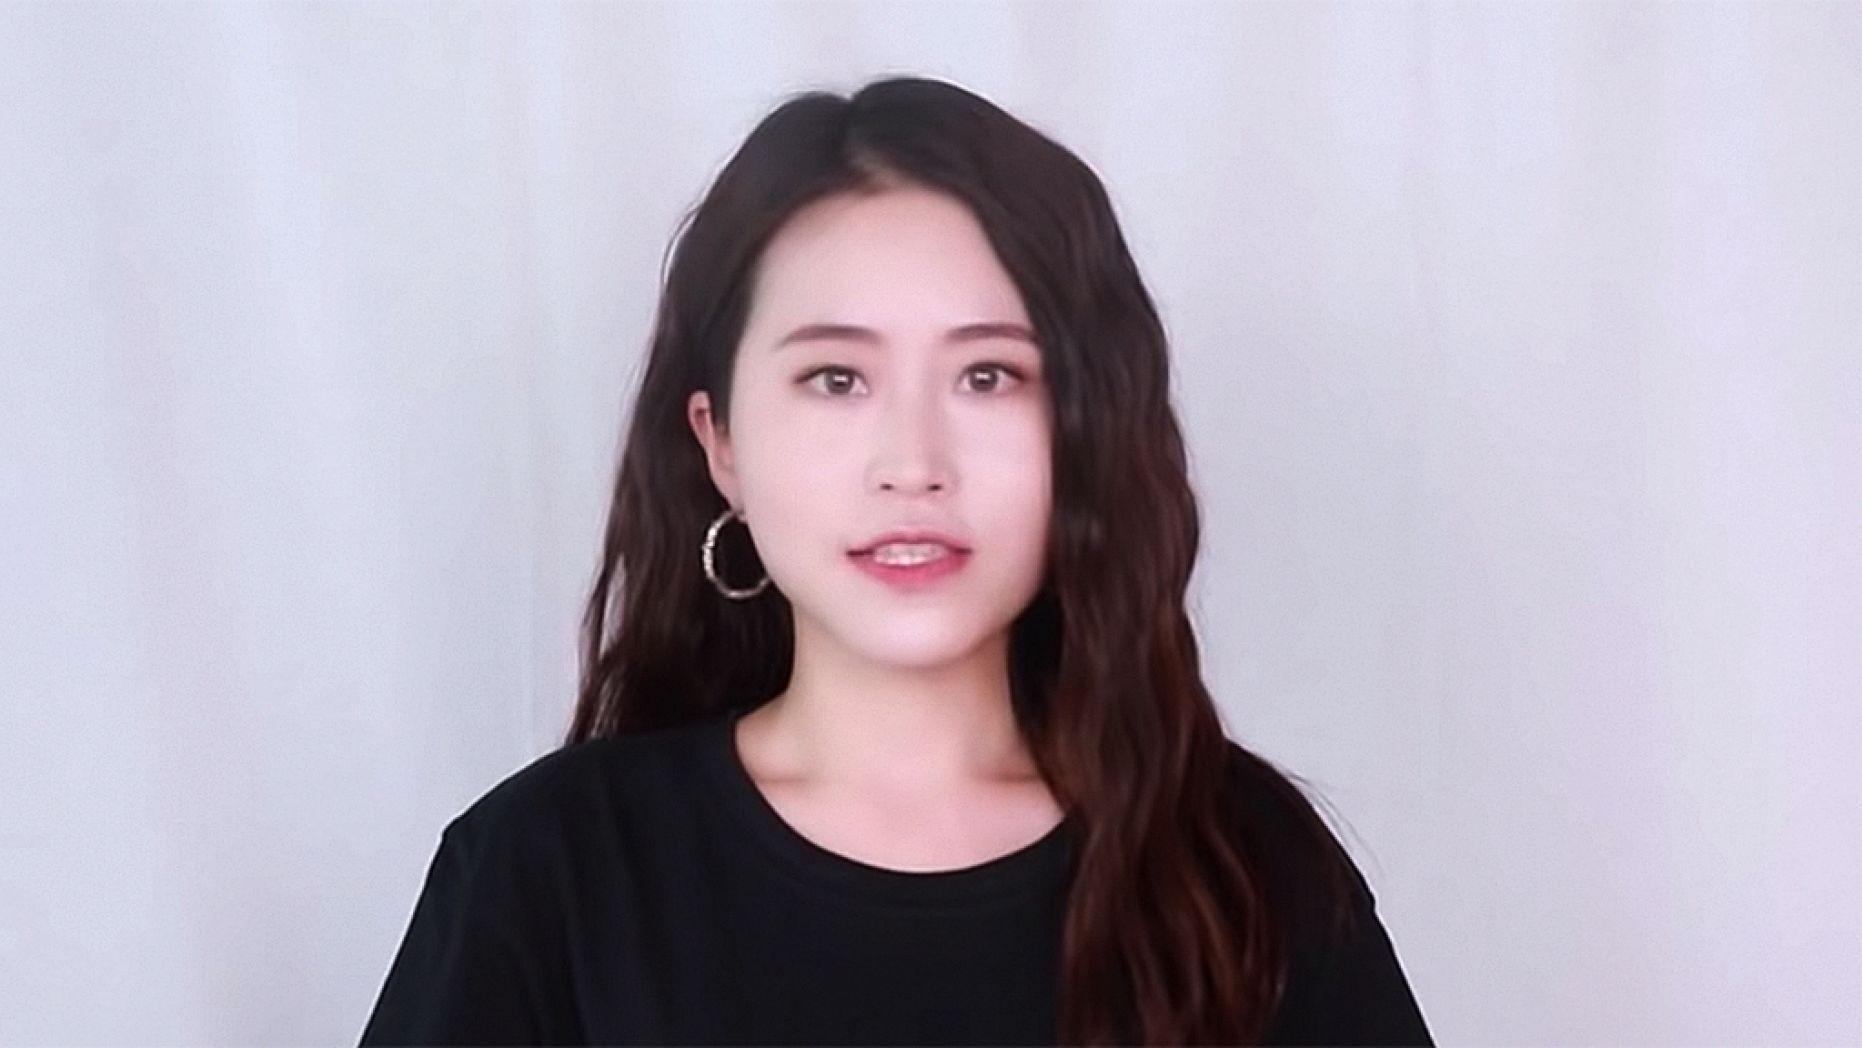 Nữ Youtuber bồi thường cho bé gái chết vì bắt chước cách làm bỏng ngô 1